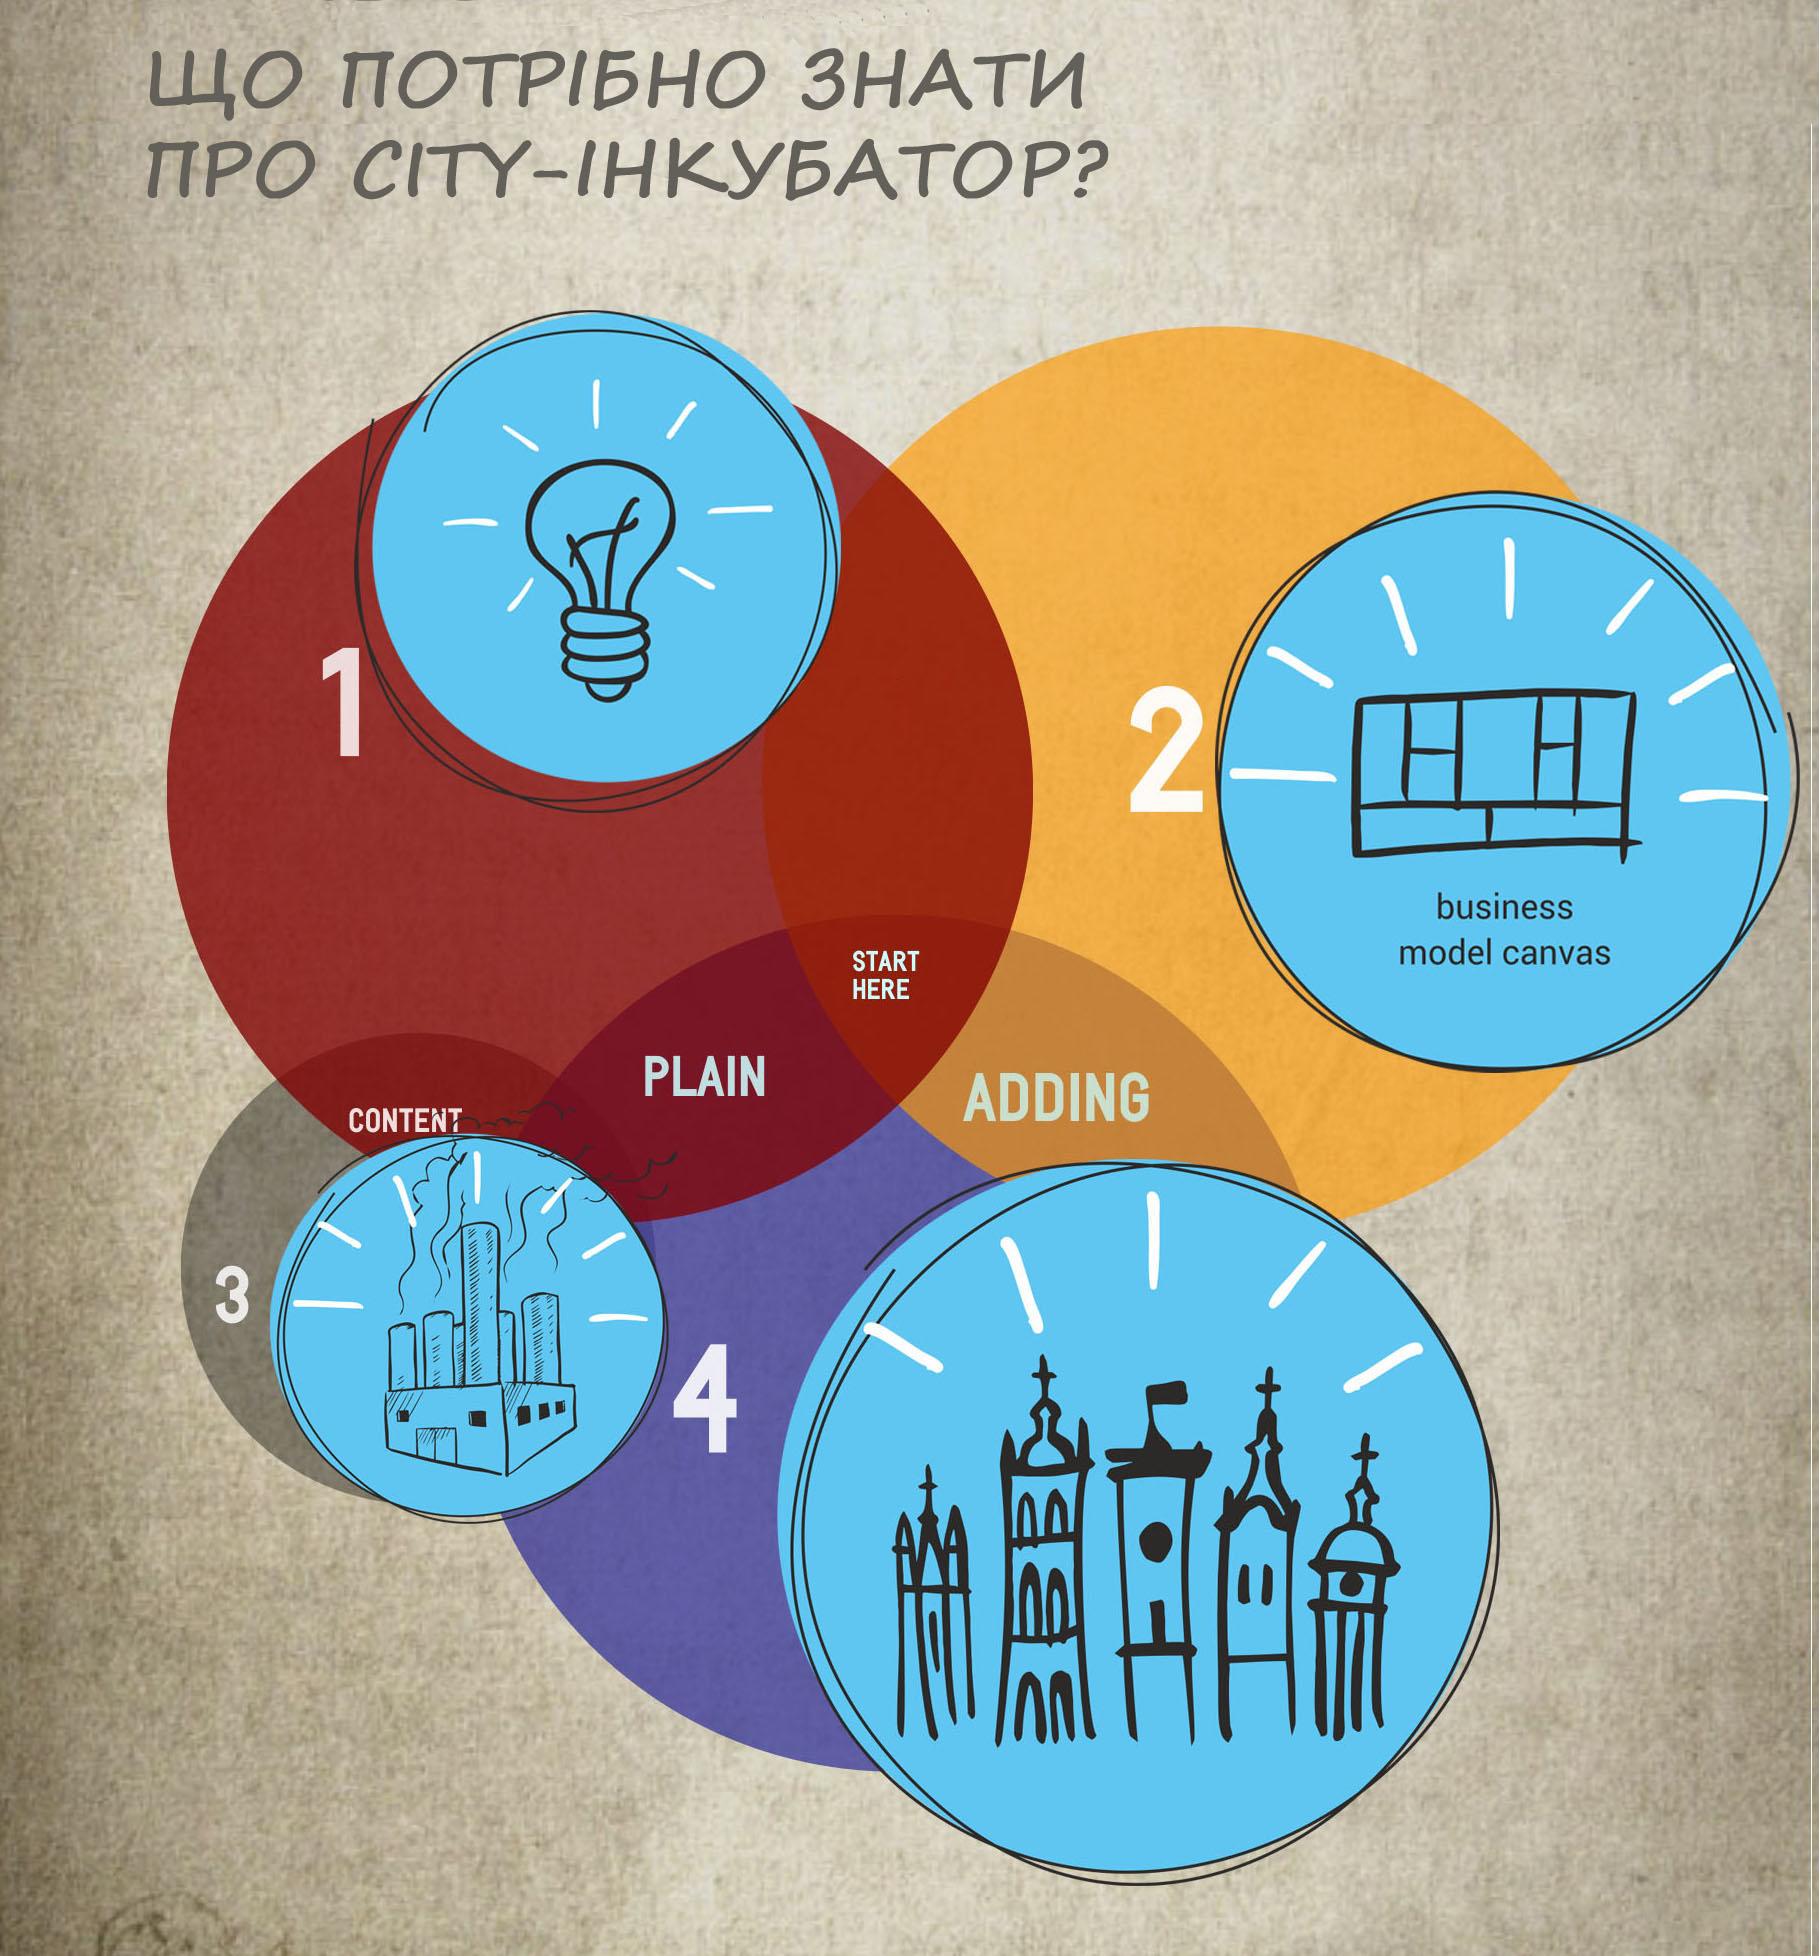 city-in